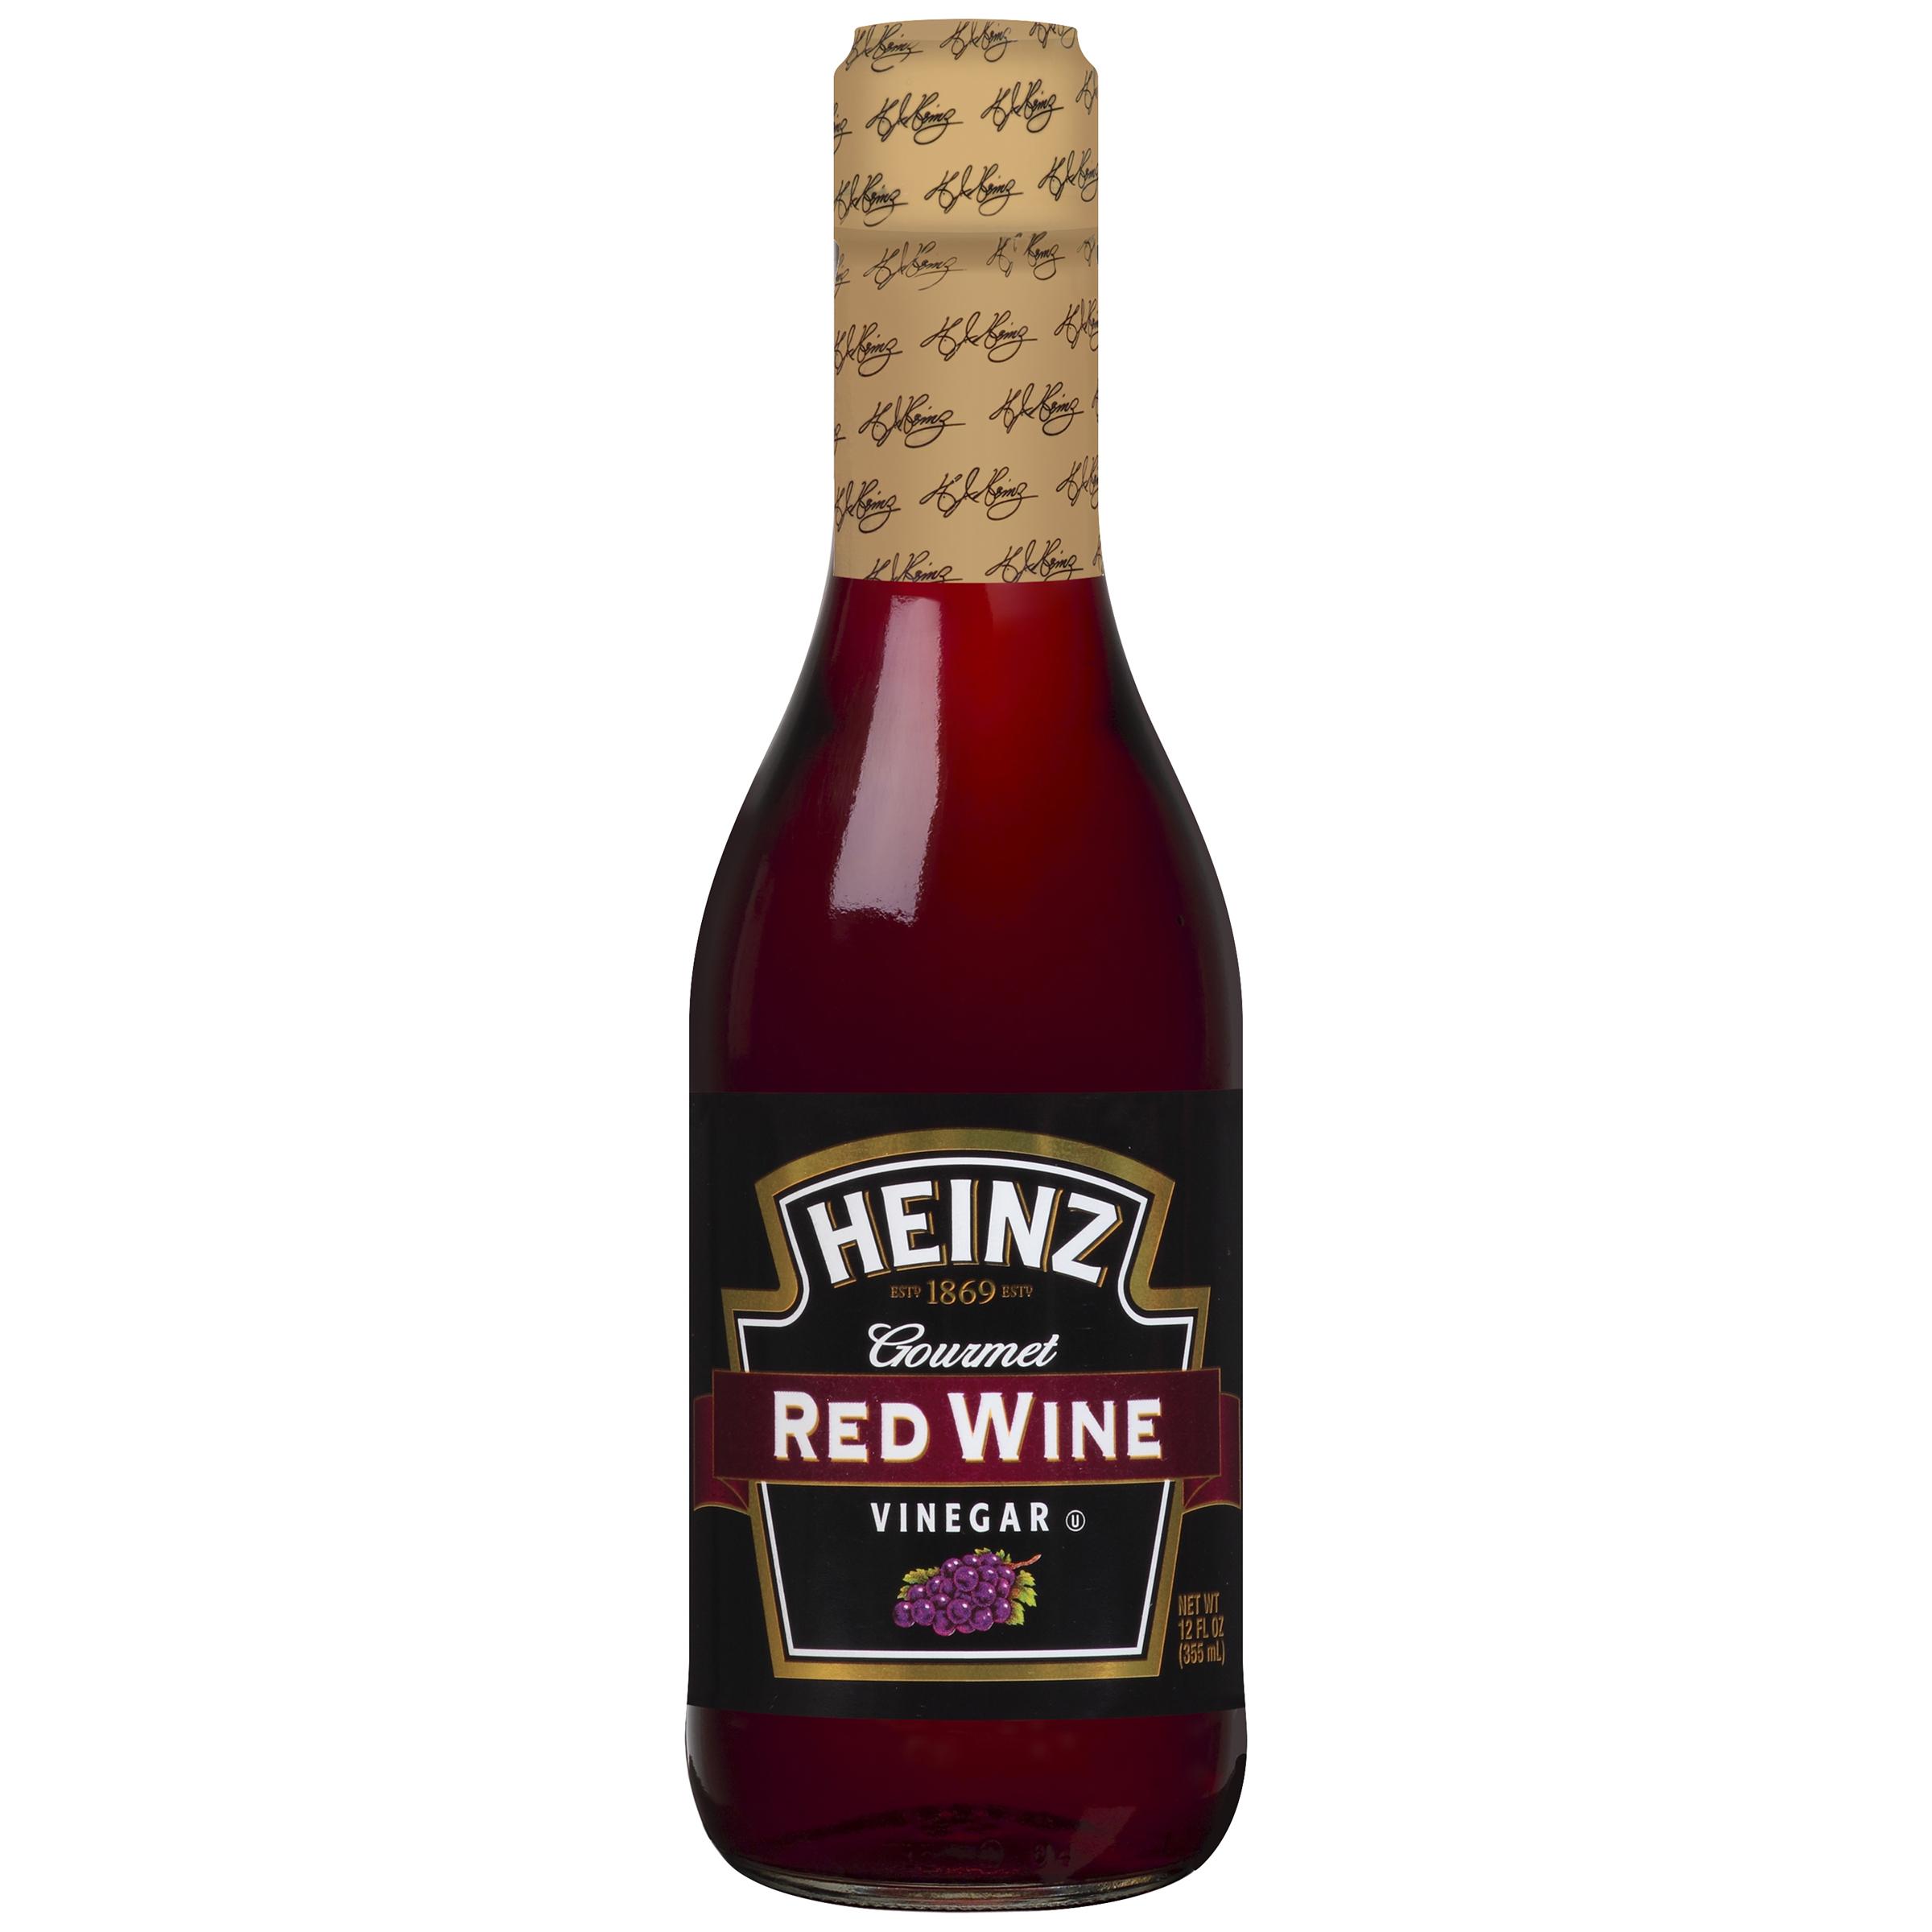 Heinz Gourmet Red Wine Vinegar 12 Fl Oz Bottle